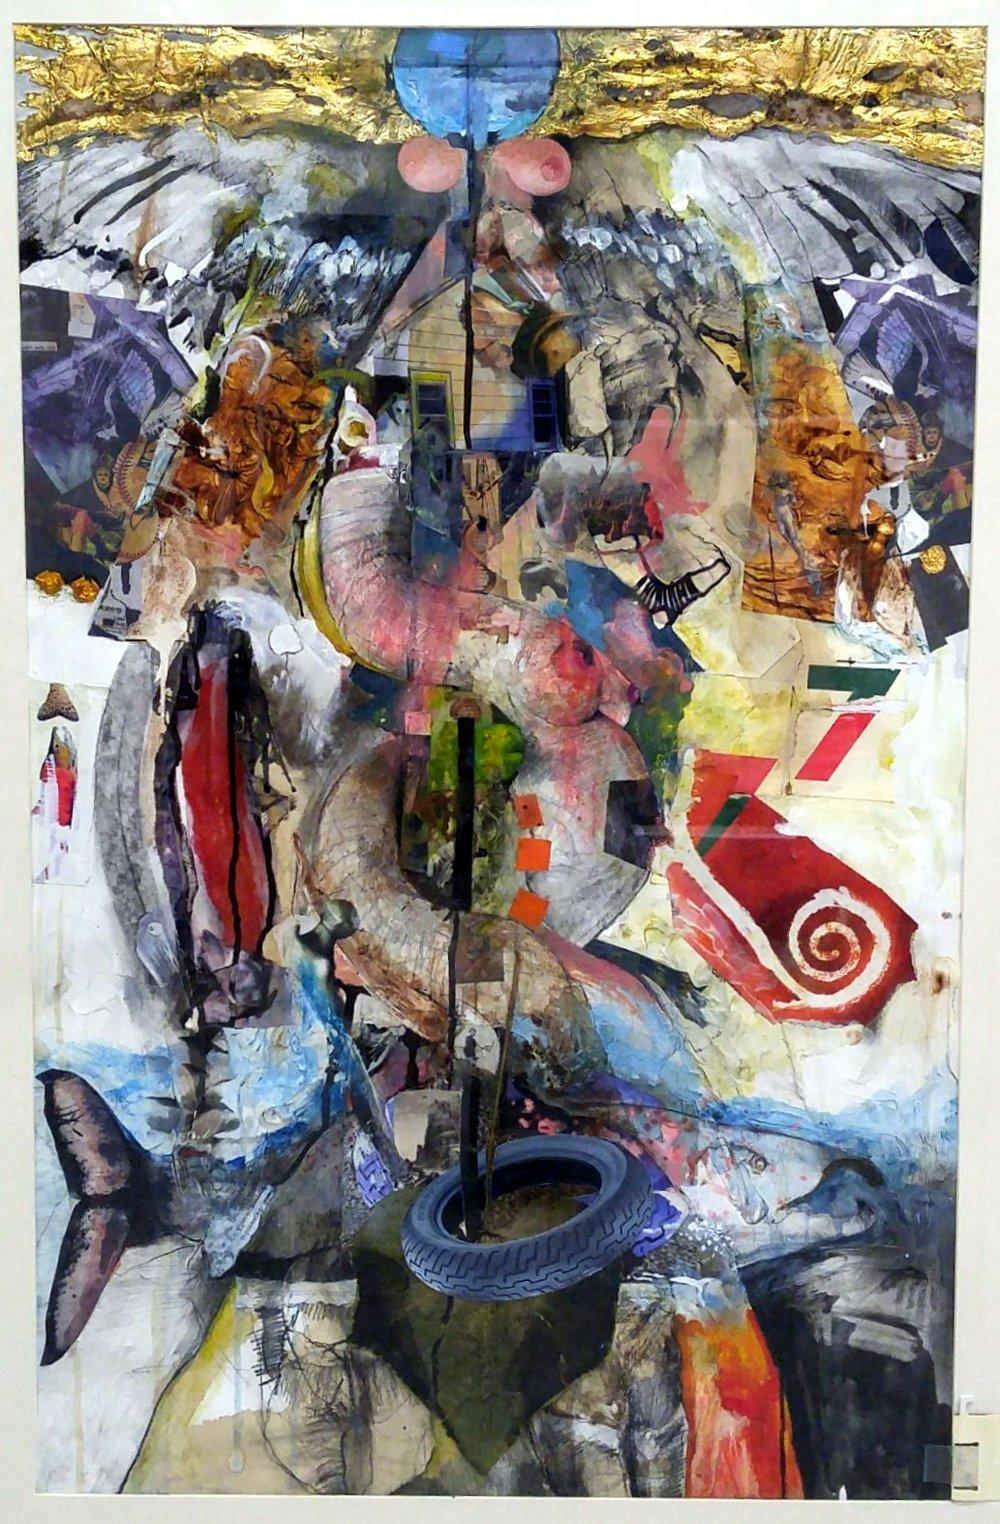 Dan Smith collage Caduce U.S. Birdhouse.jpg